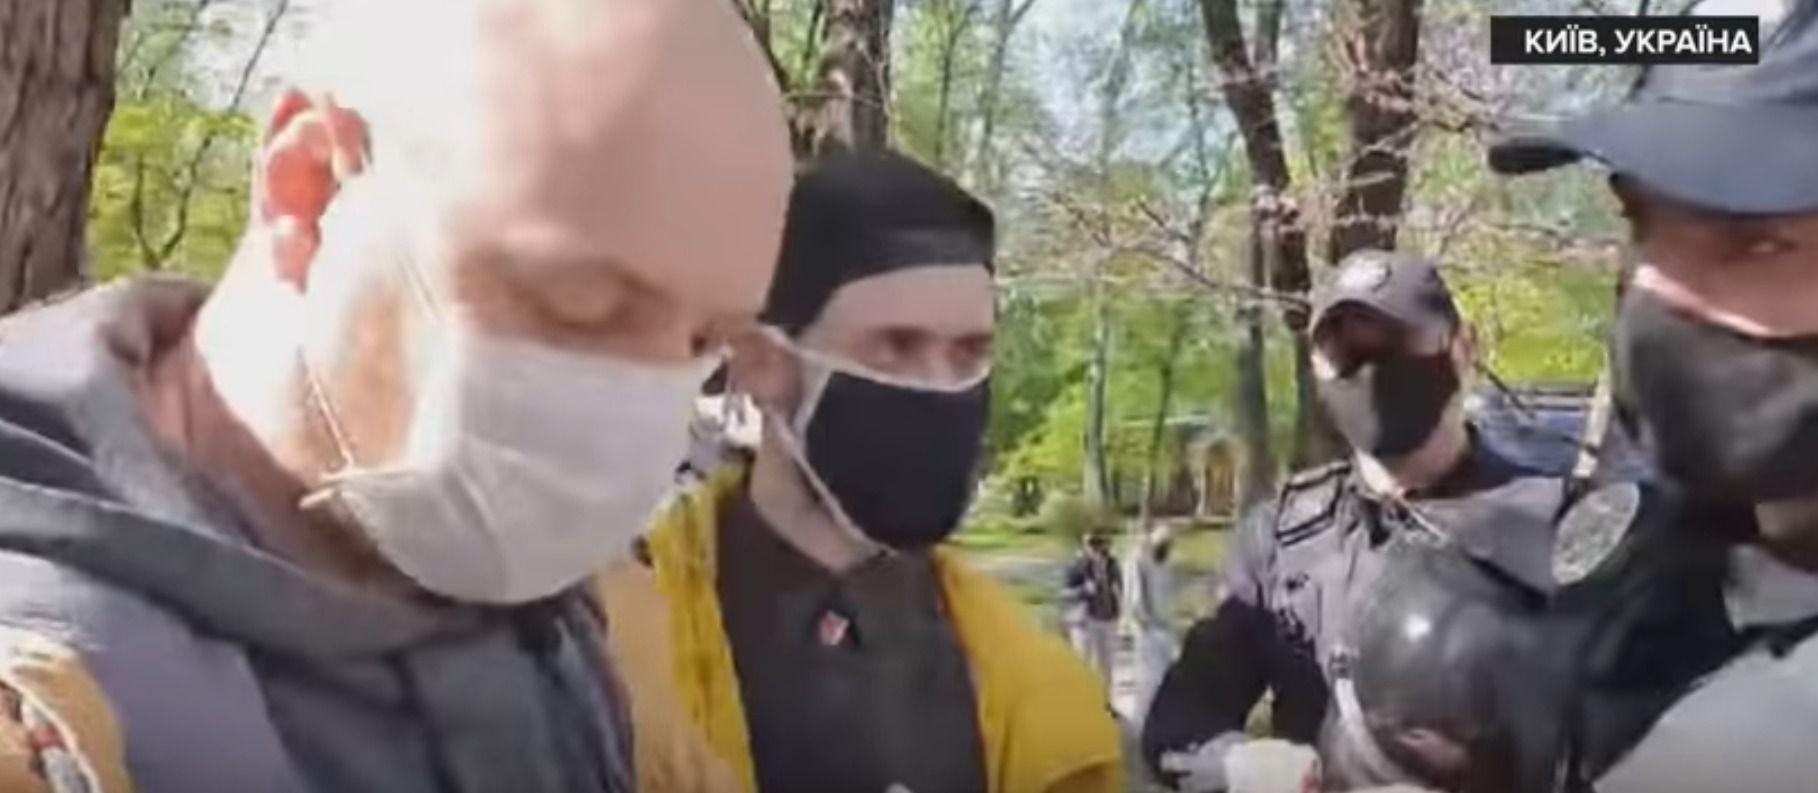 Правоохоронці розпочали розслідування щодо поліцейського через напад на Богдана Кутєпова